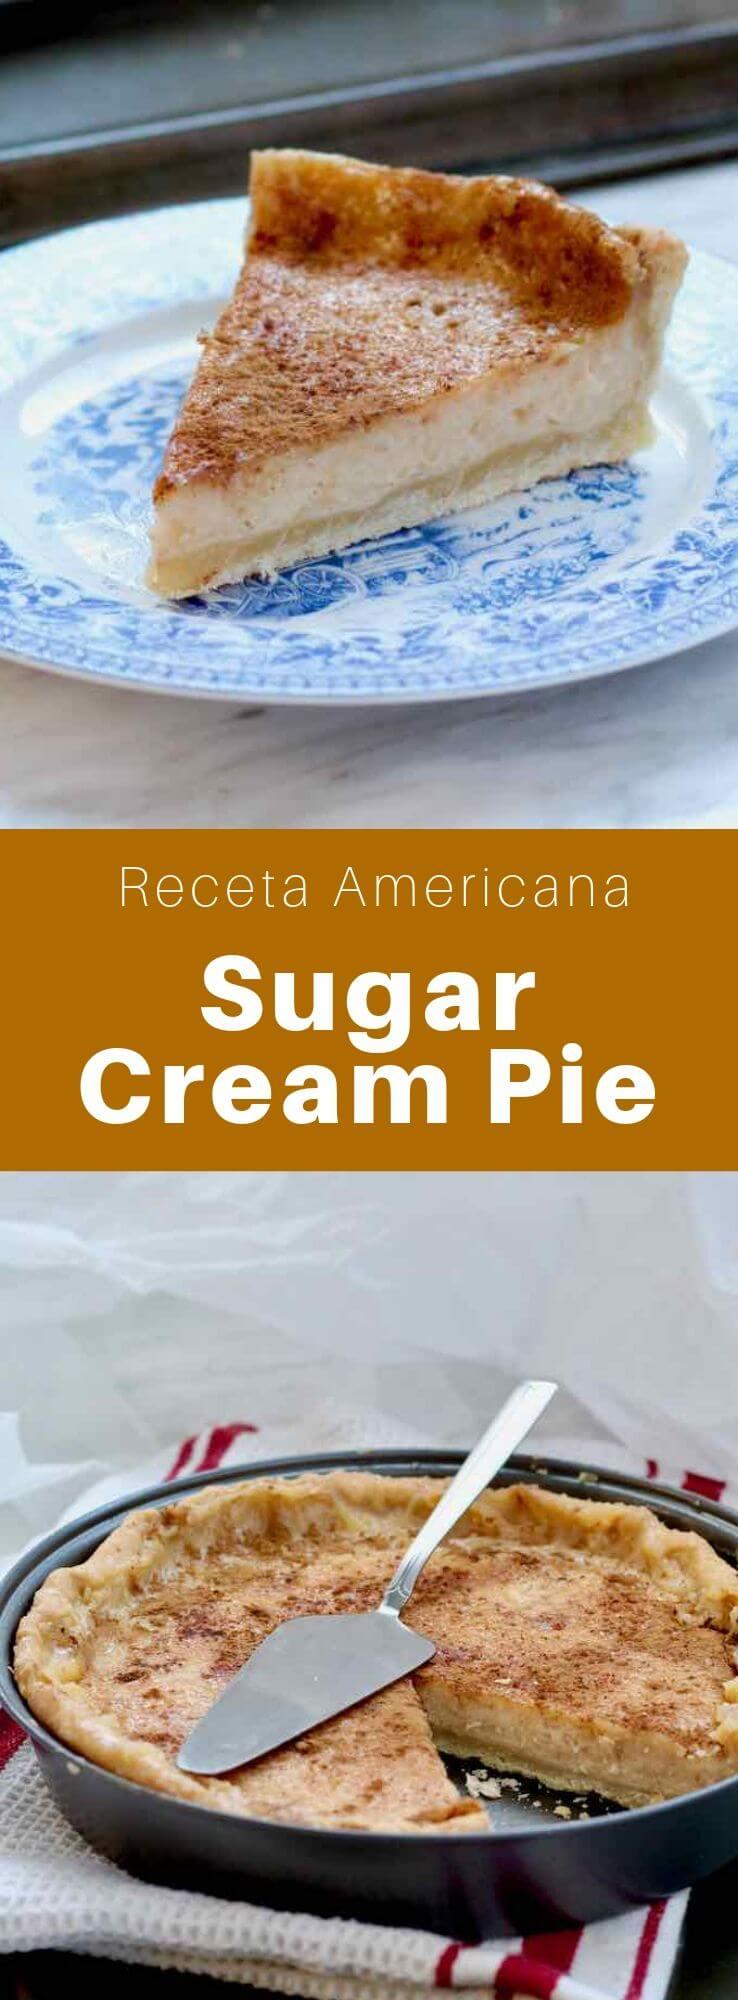 El sugar cream pie es un pastel tradicional de Indiana que se prepara con una masa rellena de mantequilla, crema de vainilla, azúcar y harina, y luego se hornea.